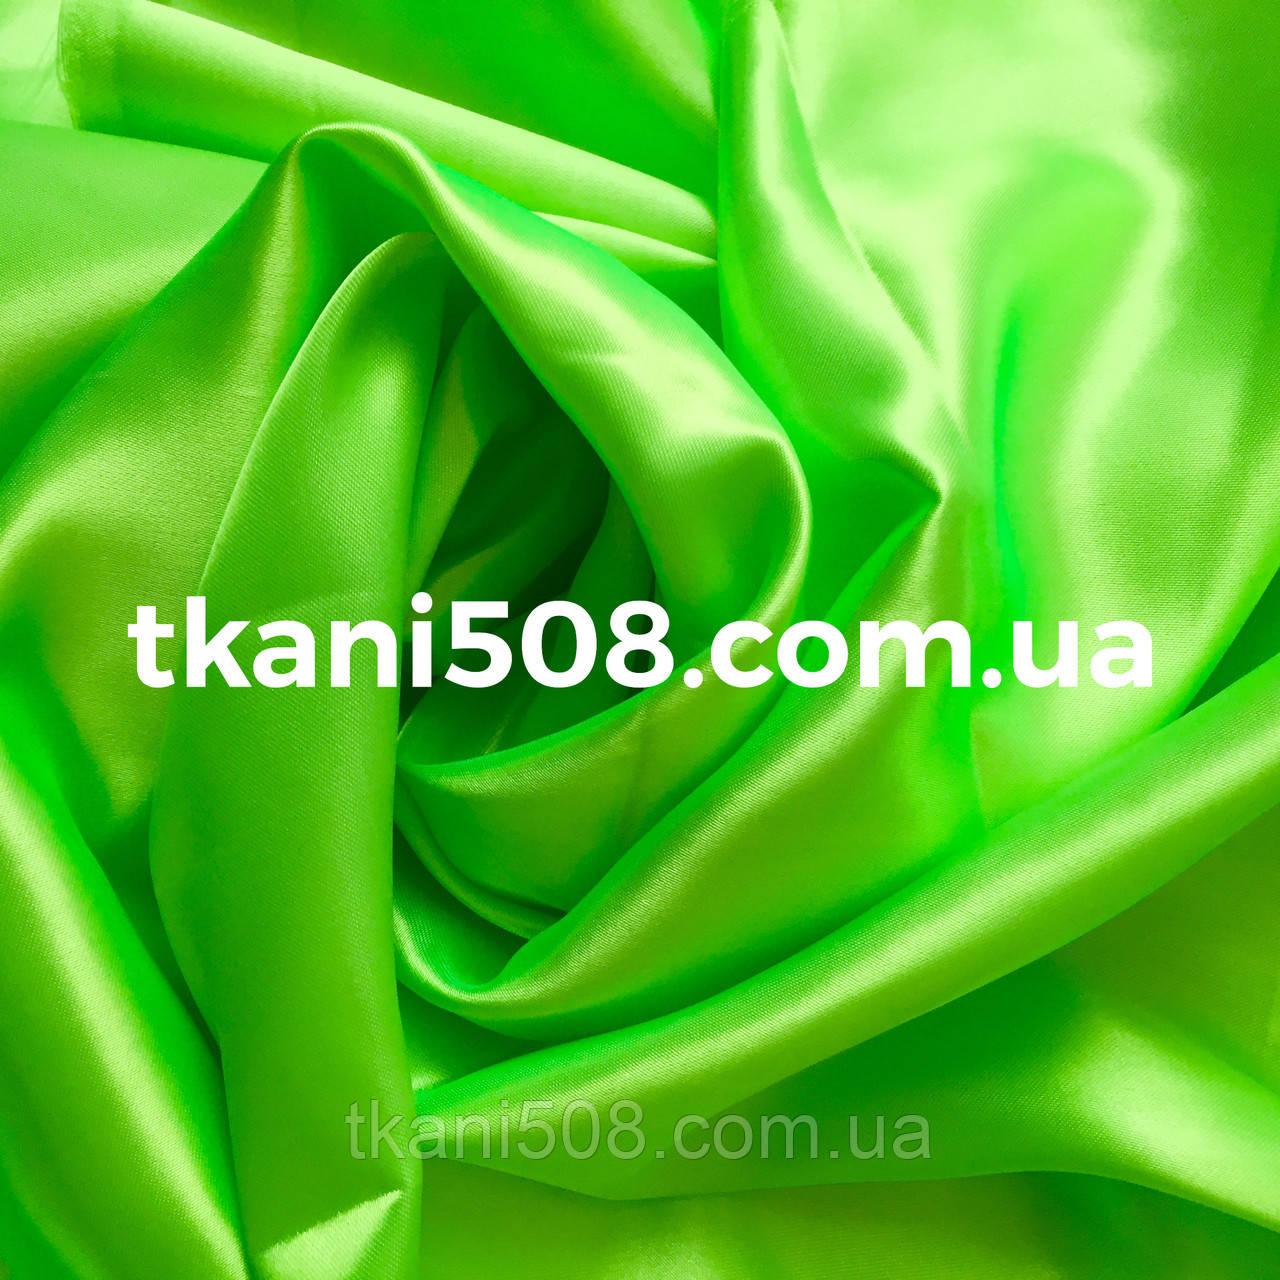 Ткань Атлас Салатовый (17)